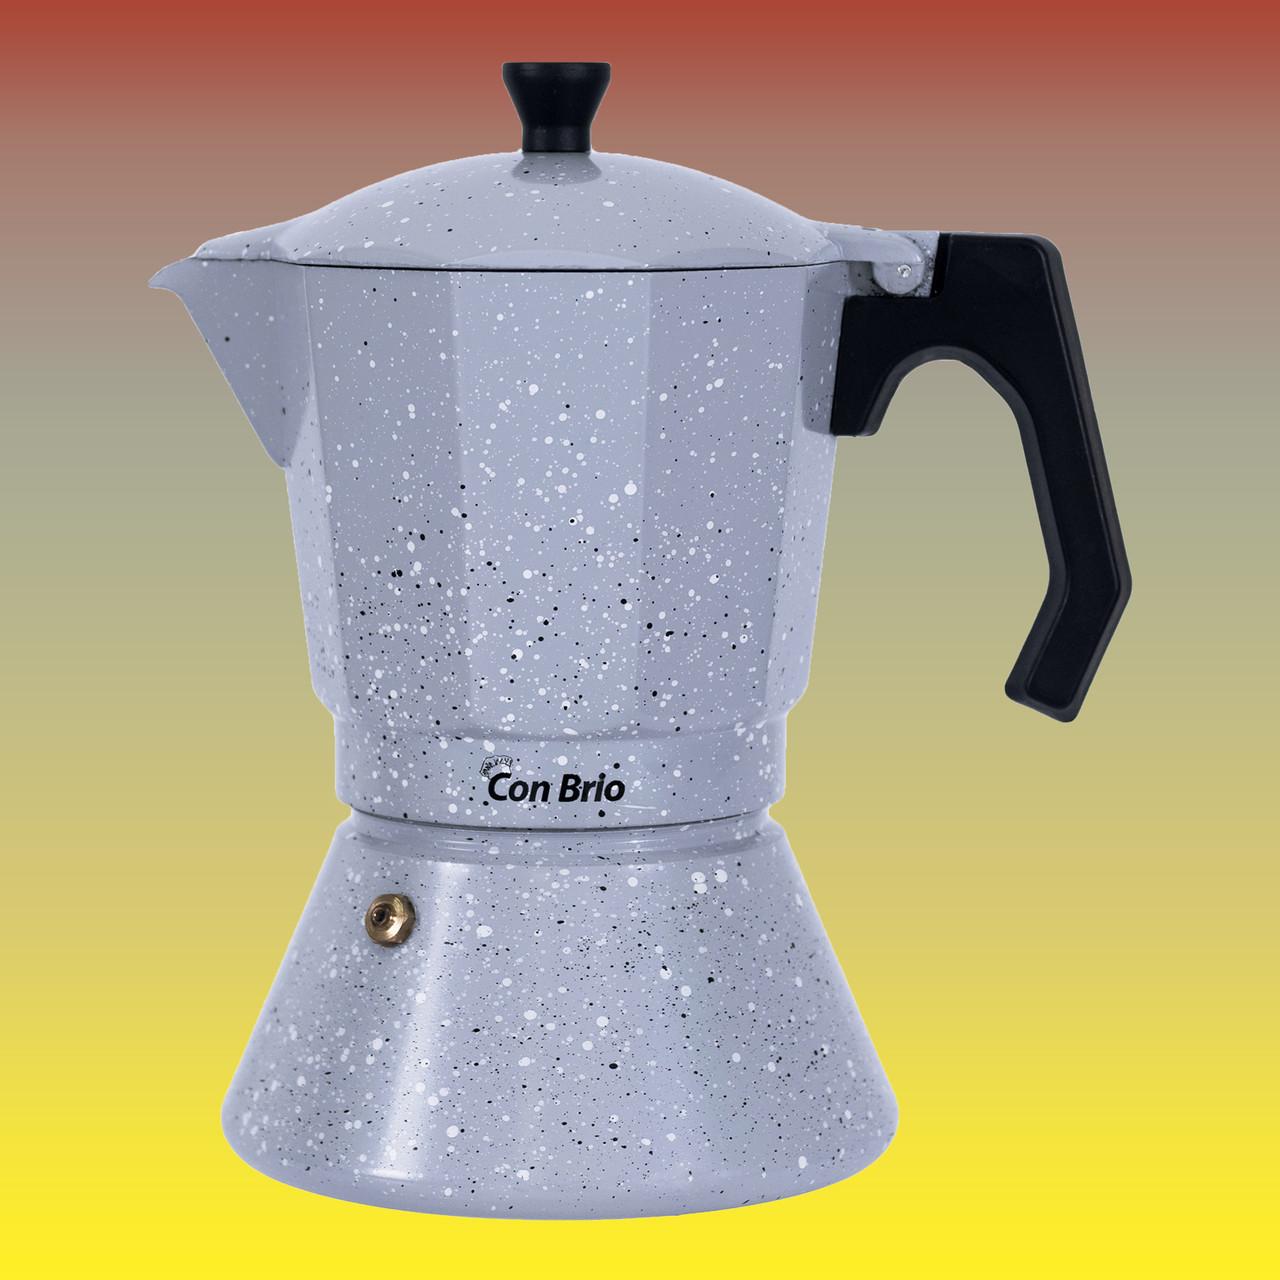 Гейзерная кофеварка, индукционная на 450 мл.